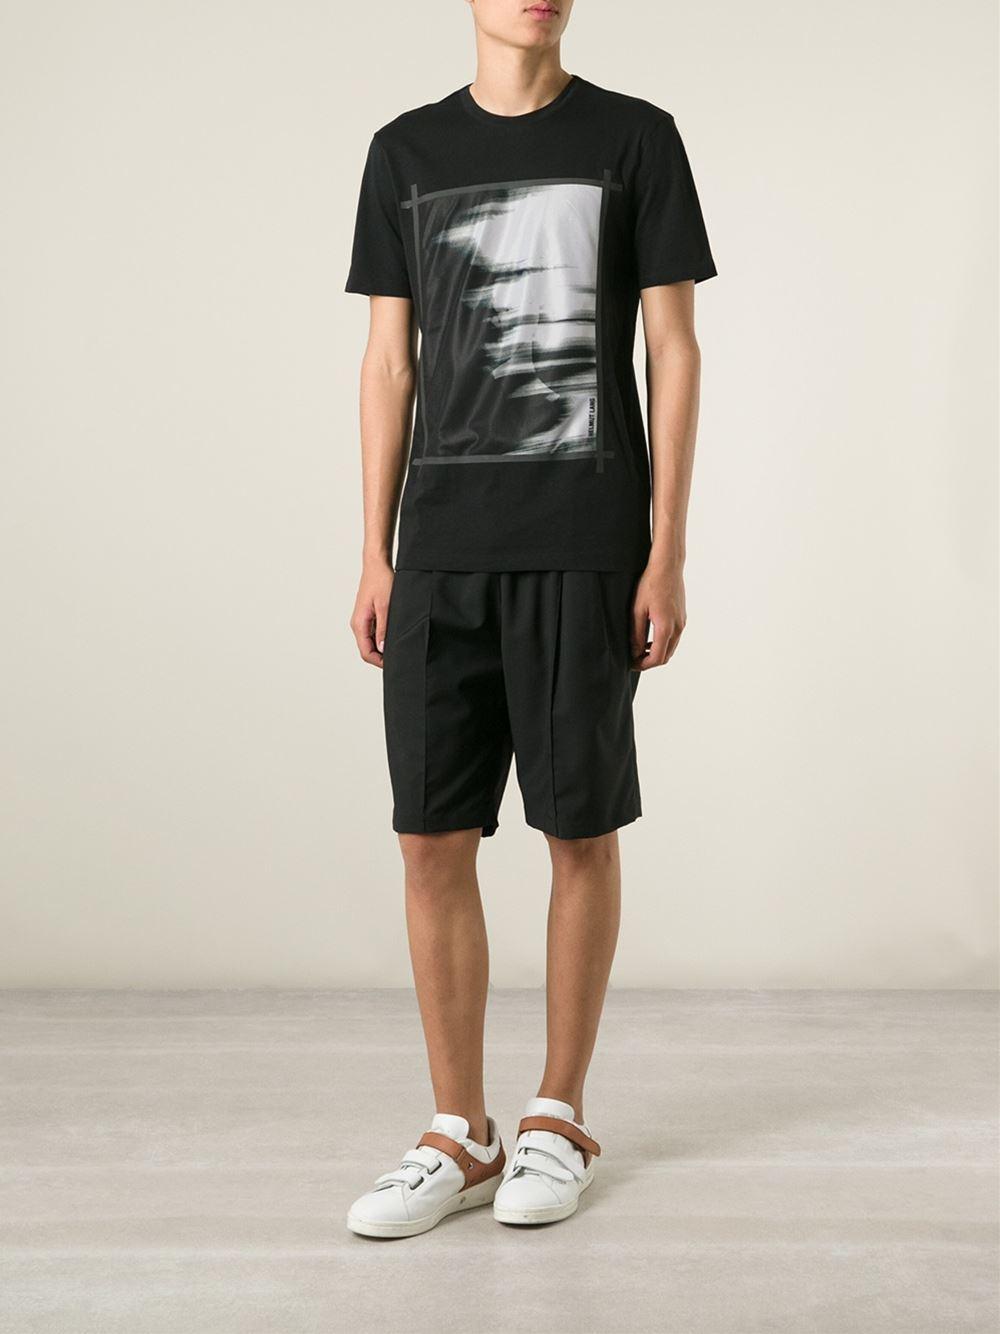 helmut lang 39 ghost 39 mesh panel t shirt in black for men lyst. Black Bedroom Furniture Sets. Home Design Ideas